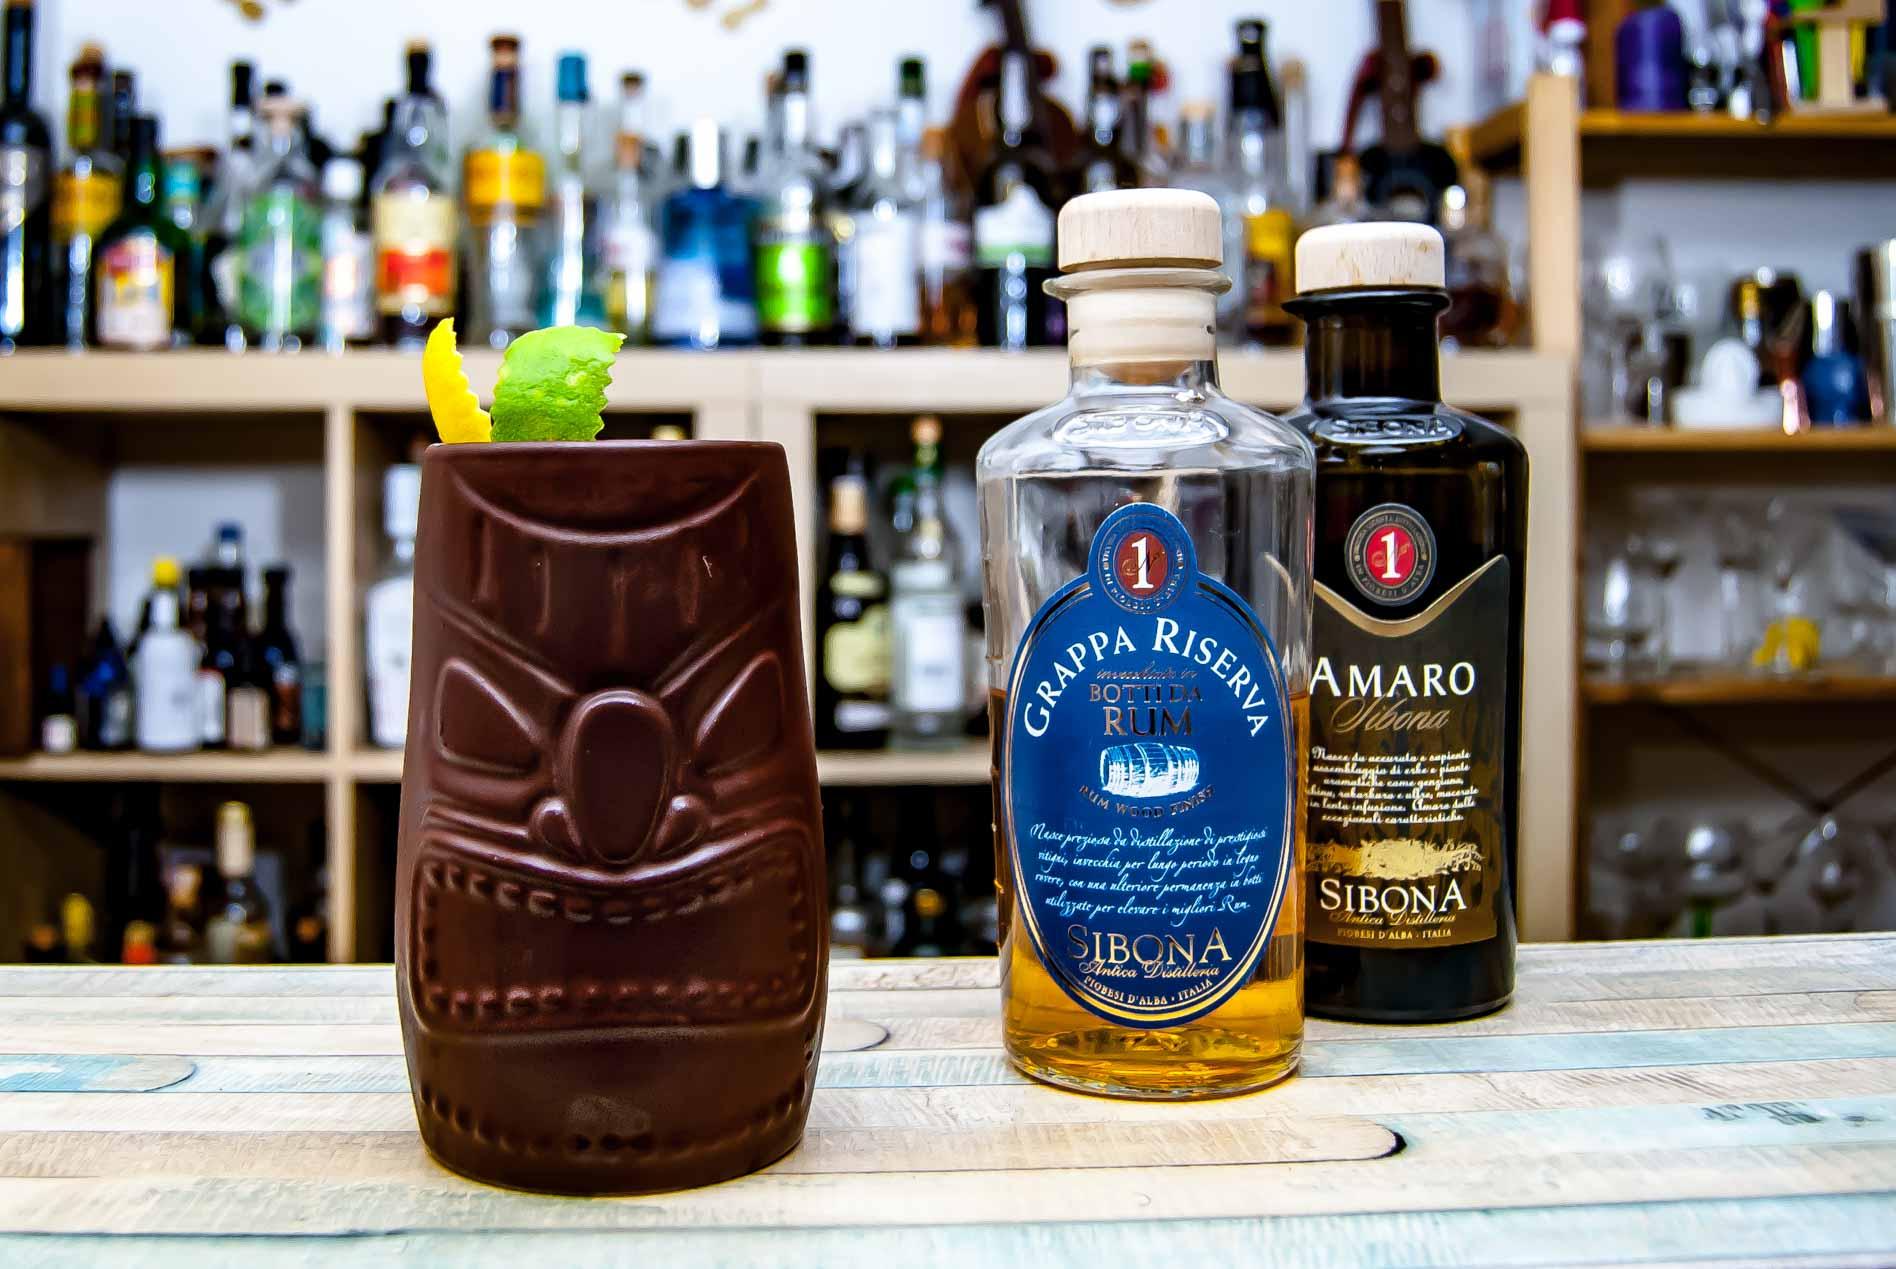 Siboni Botti da Rum Grappa und Amaro im Piemontiki, einem aufwendigen Tiki-Cocktail auf Basis von Grappa.